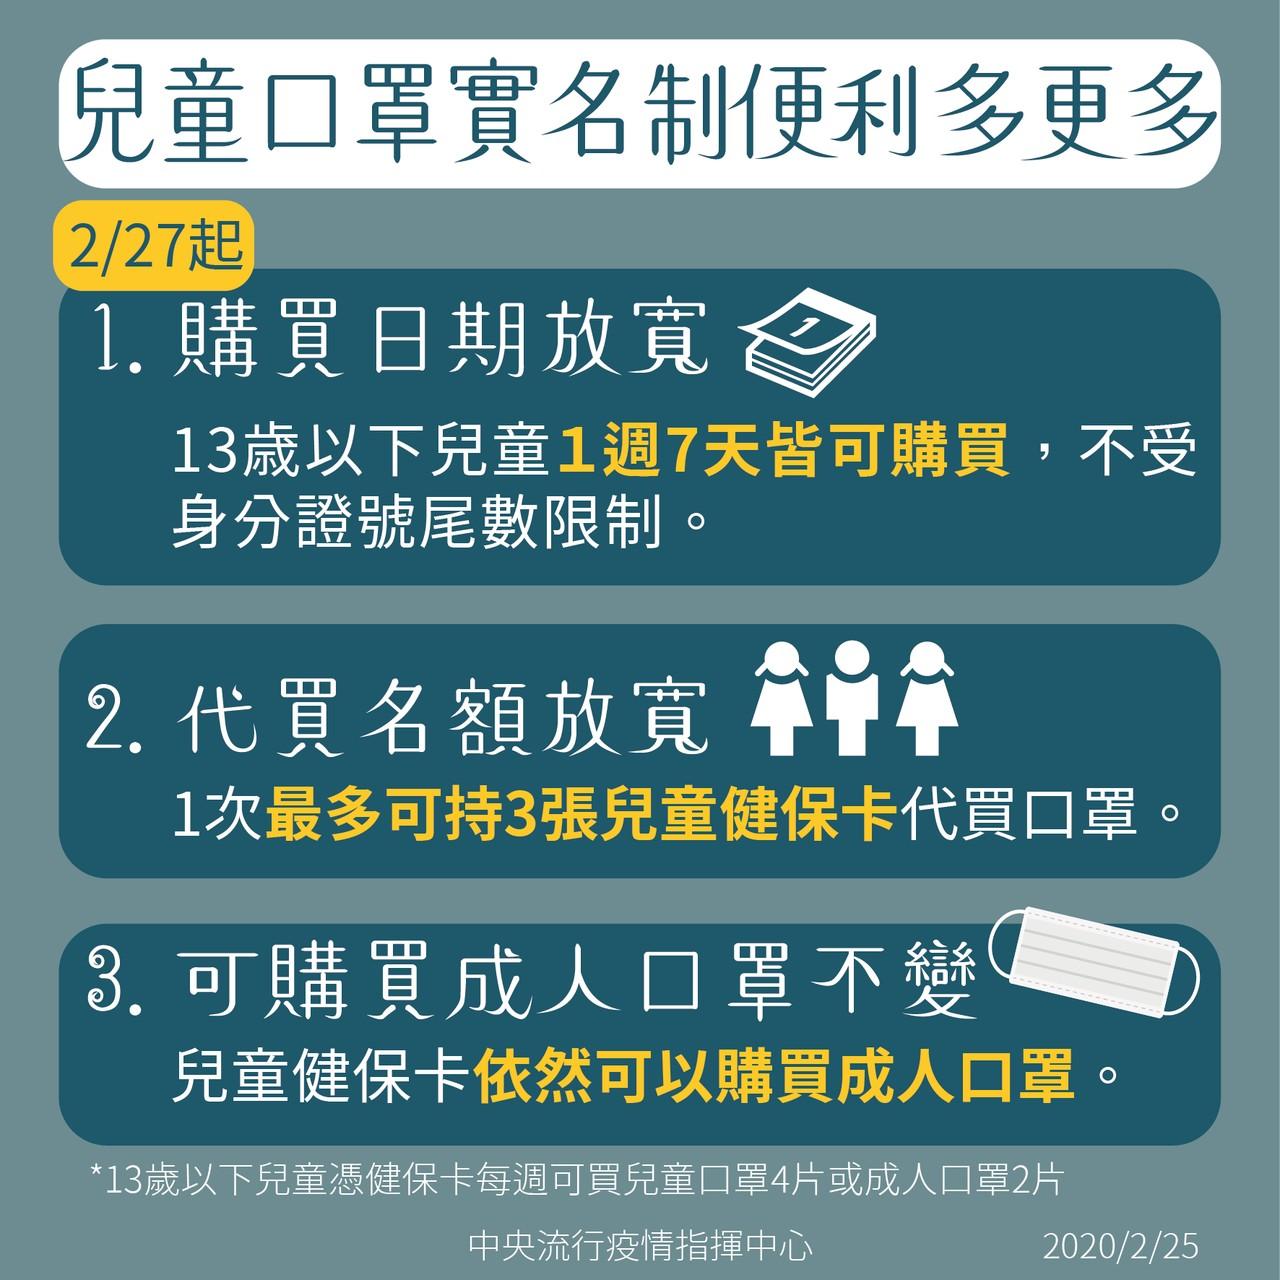 2月27日起兒童口罩實名制便利多更多海報